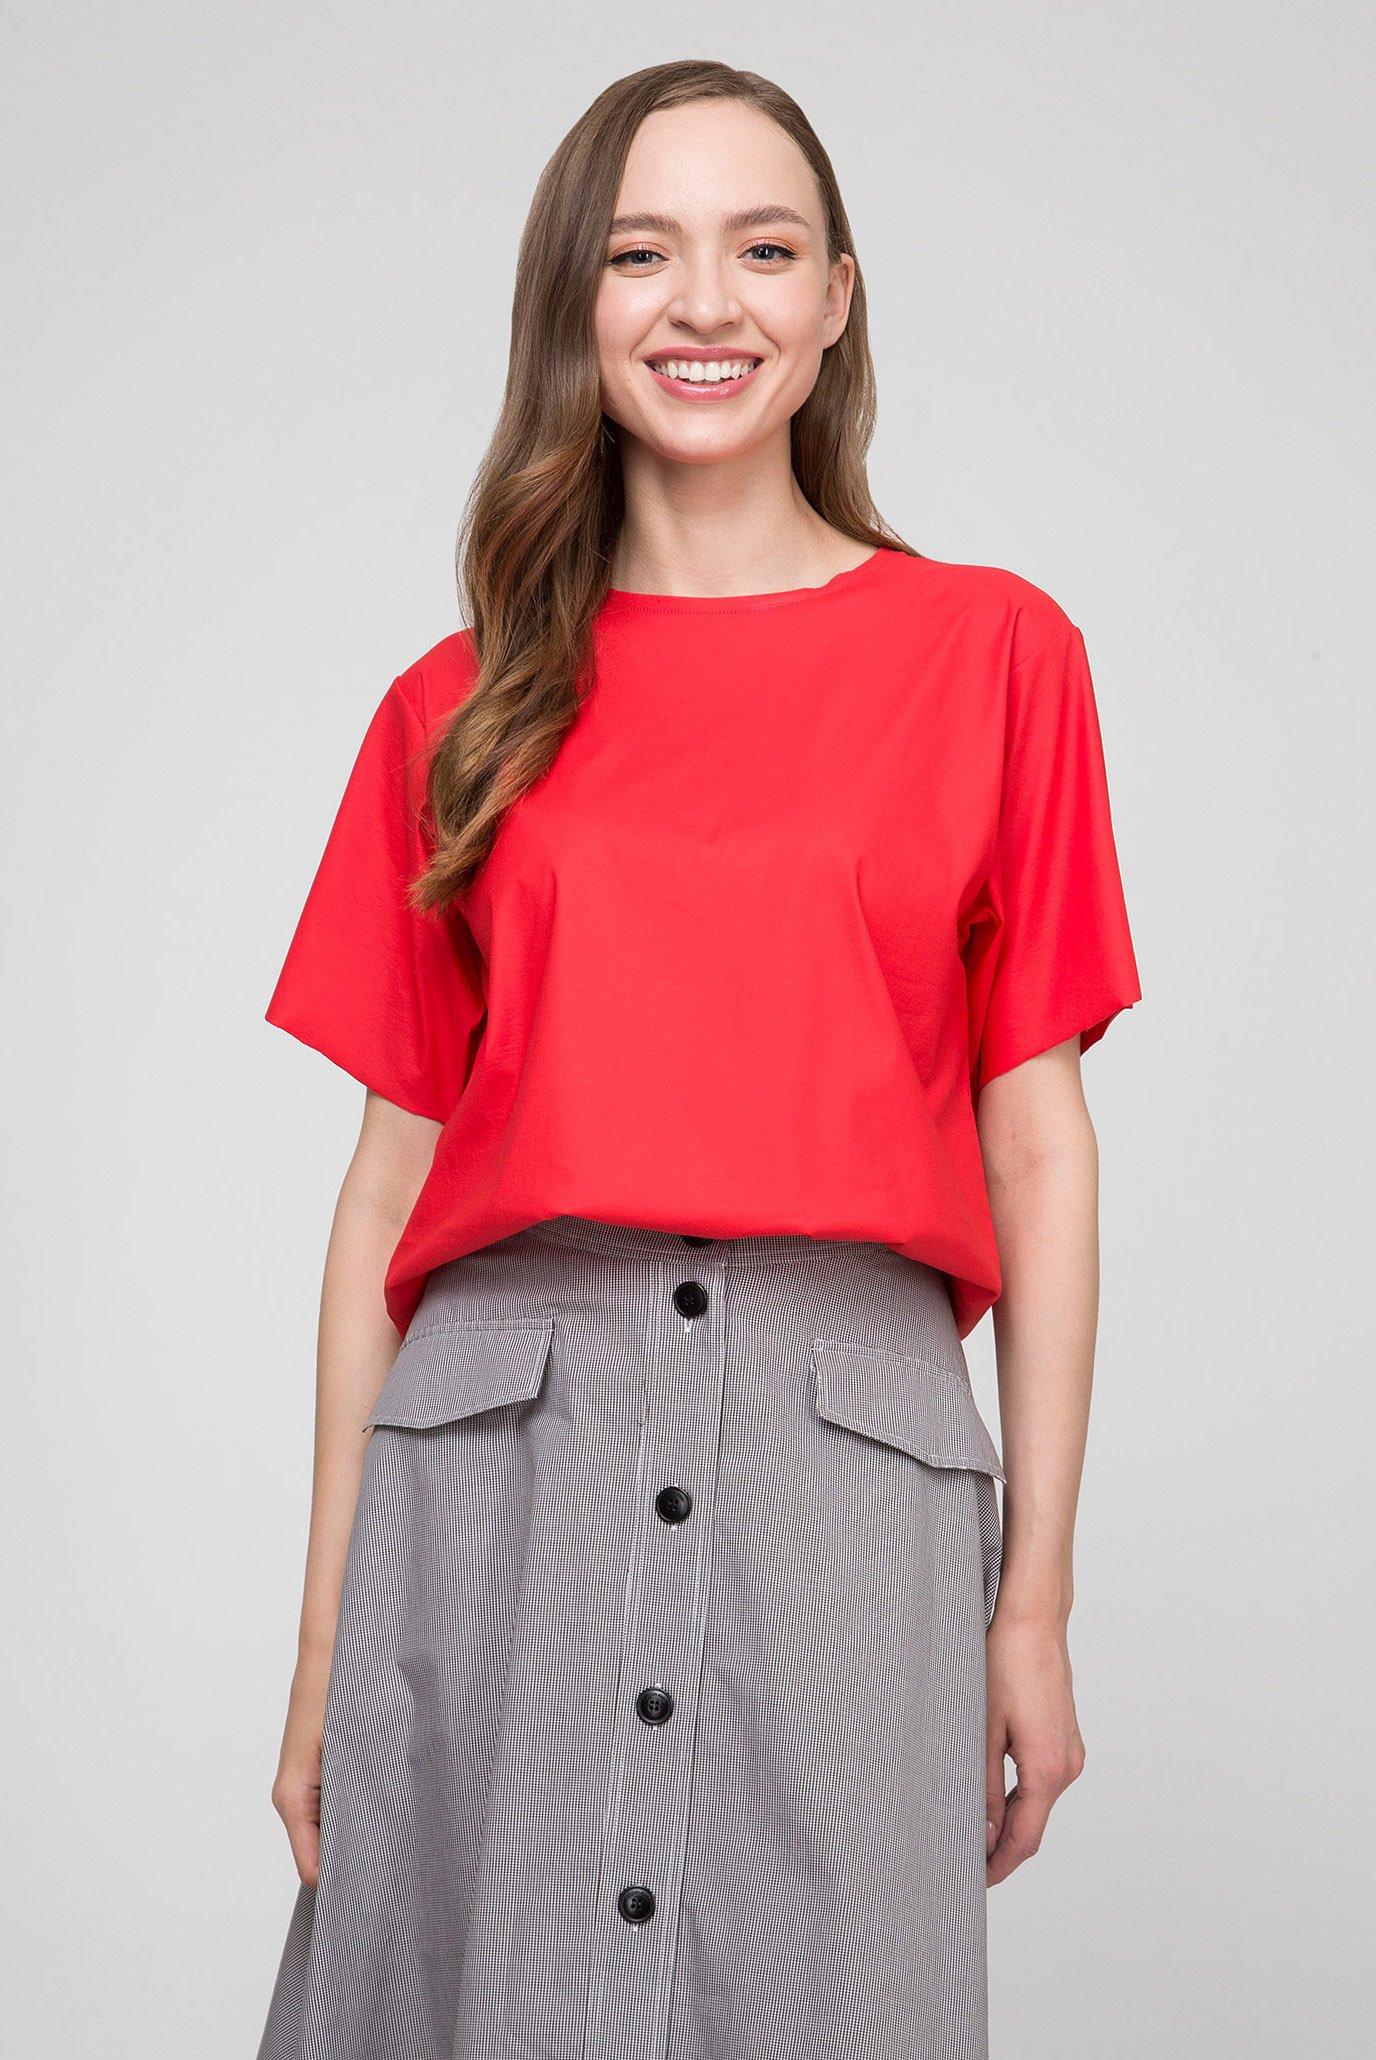 Купить Женская красная блуза Calvin Klein Calvin Klein K20K200707 – Киев, Украина. Цены в интернет магазине MD Fashion